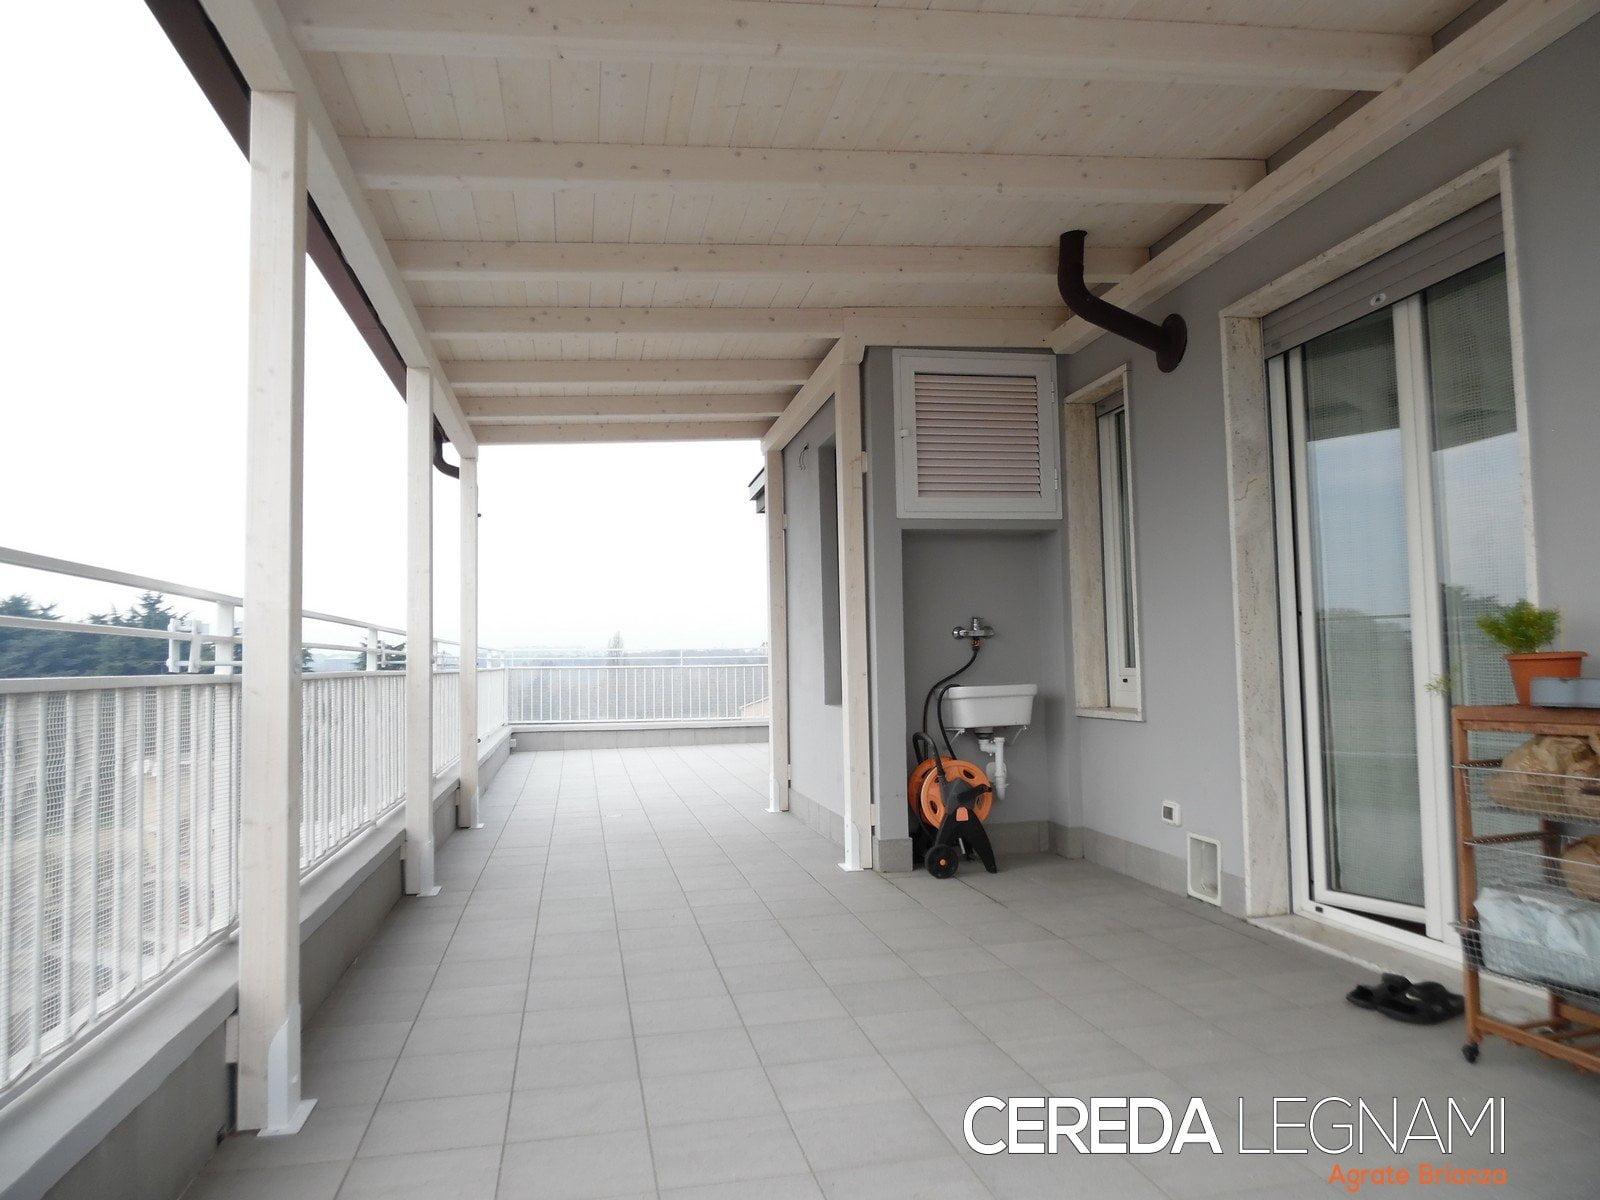 Tettoia terrazzi personalizzata su misura cereda for Cereda legnami